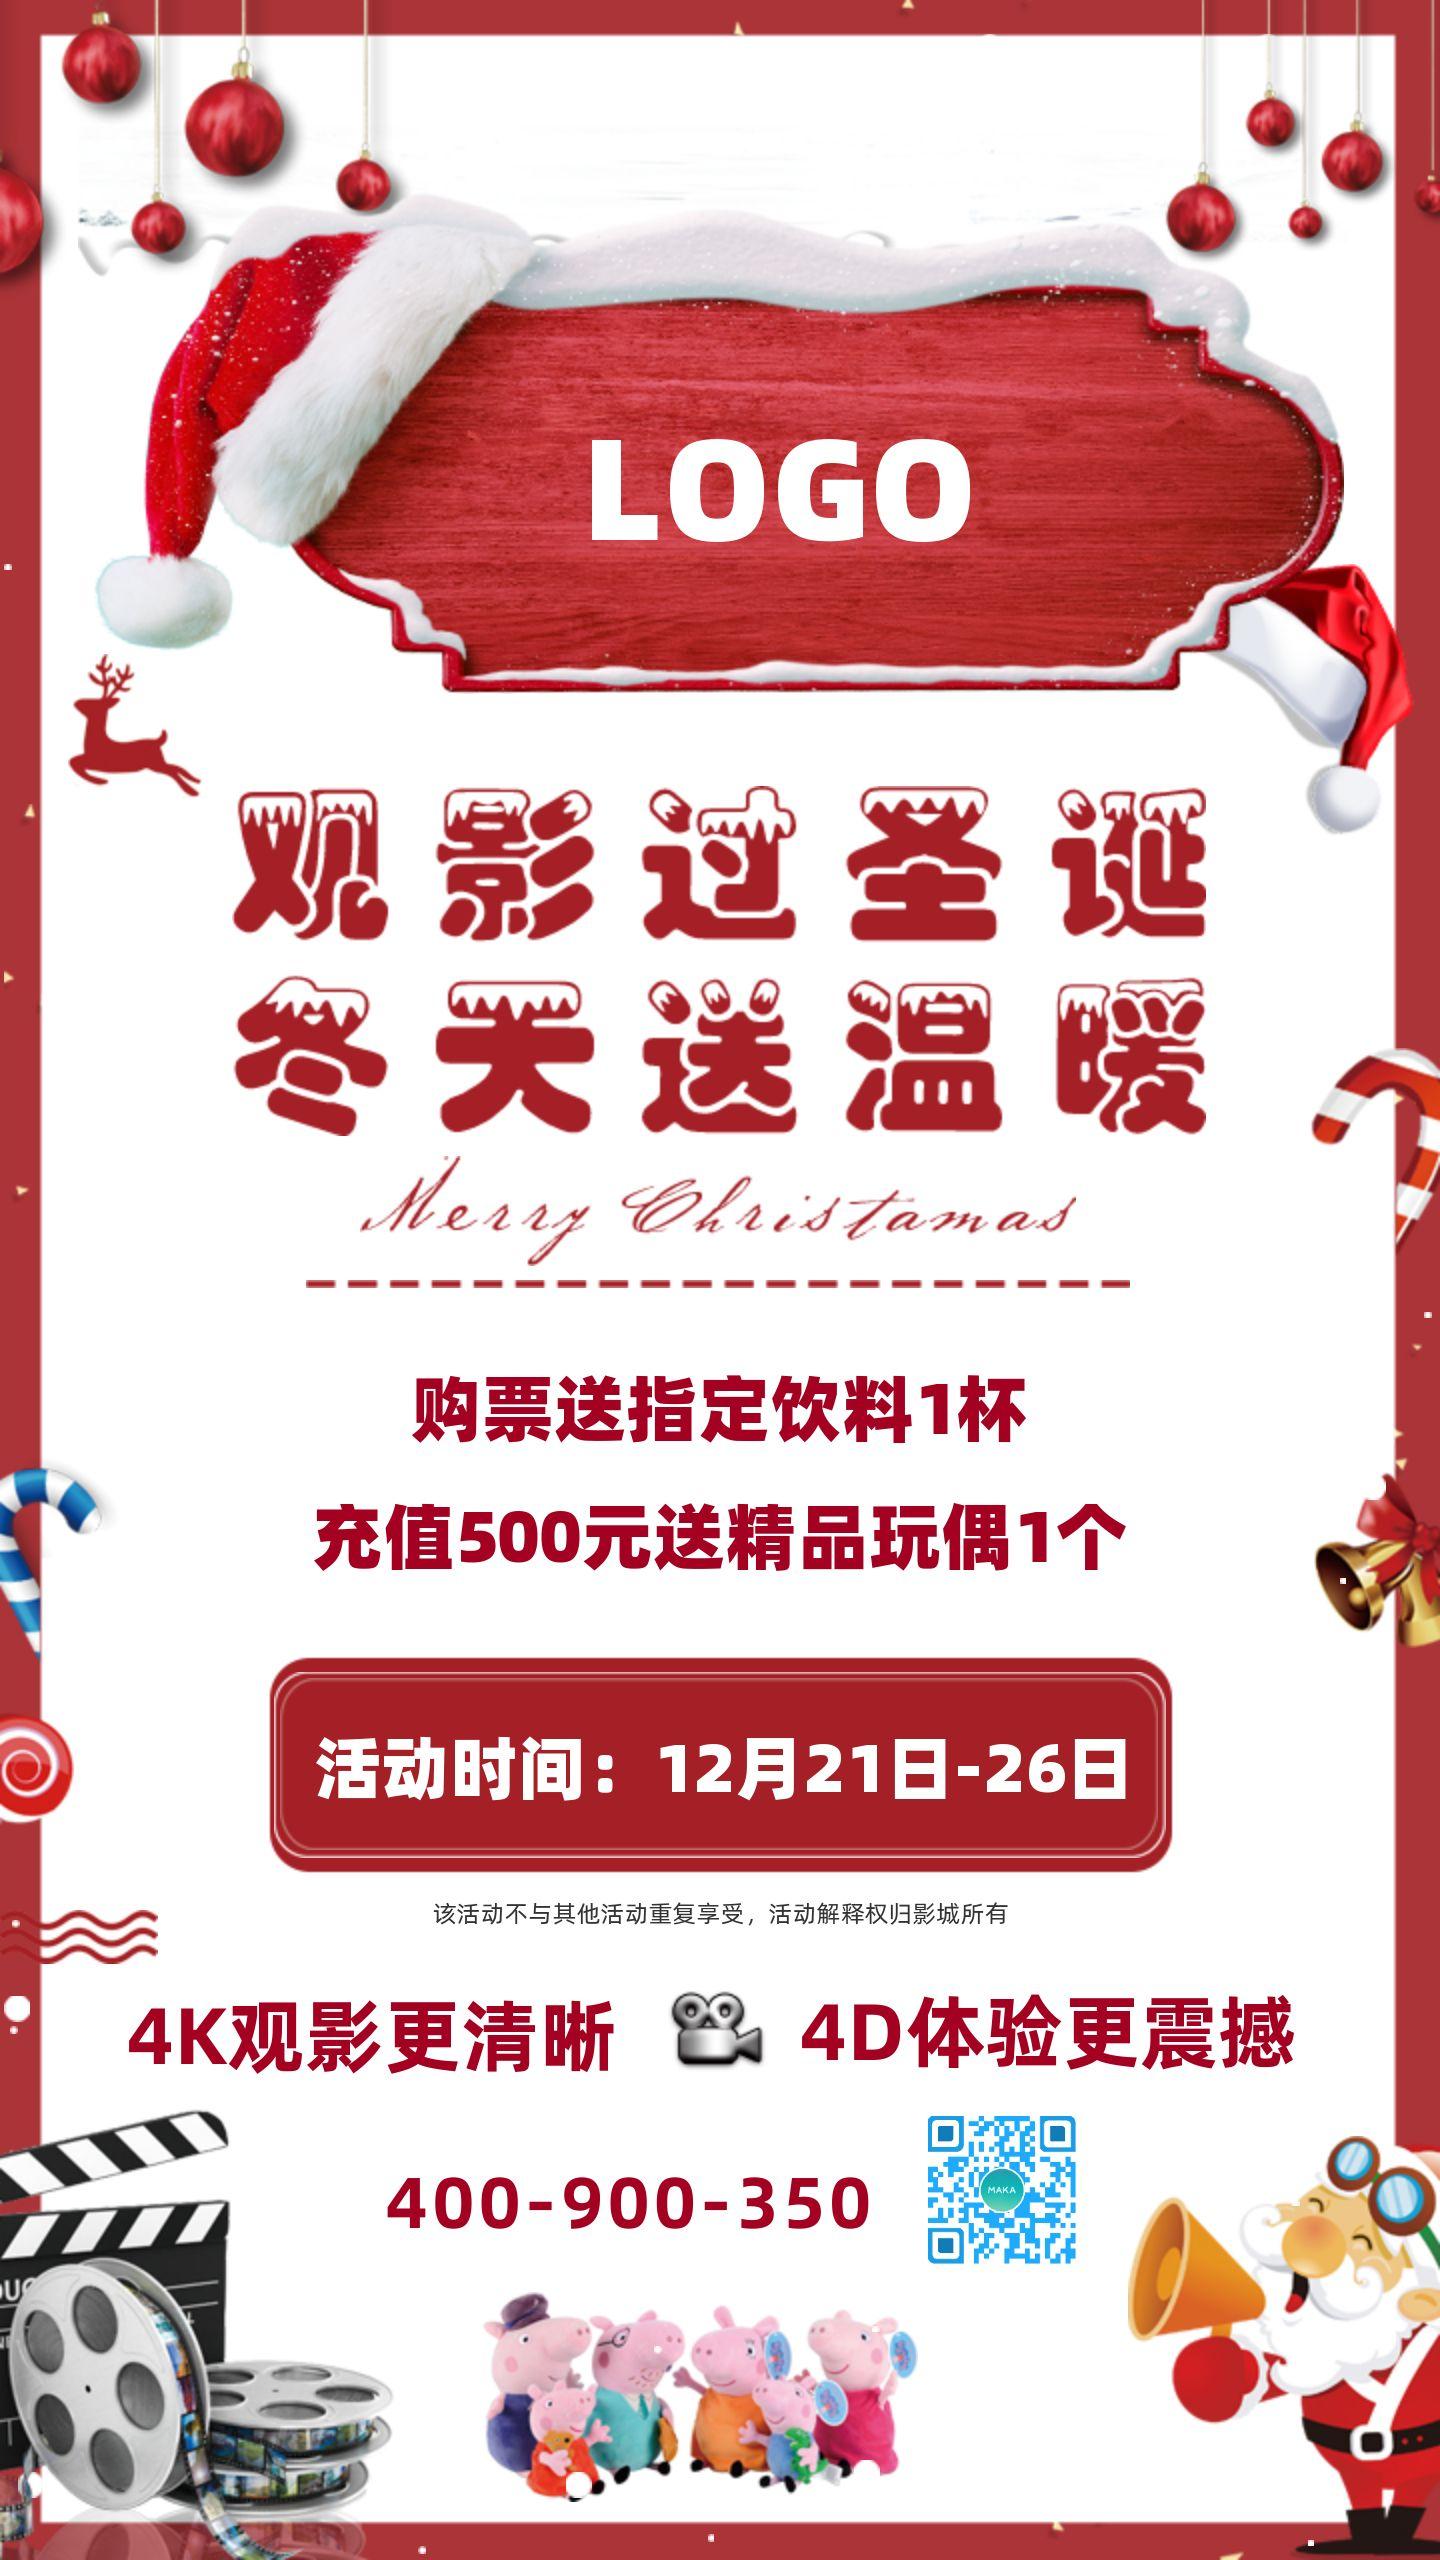 圣诞节卡通电影院充值促销宣传海报